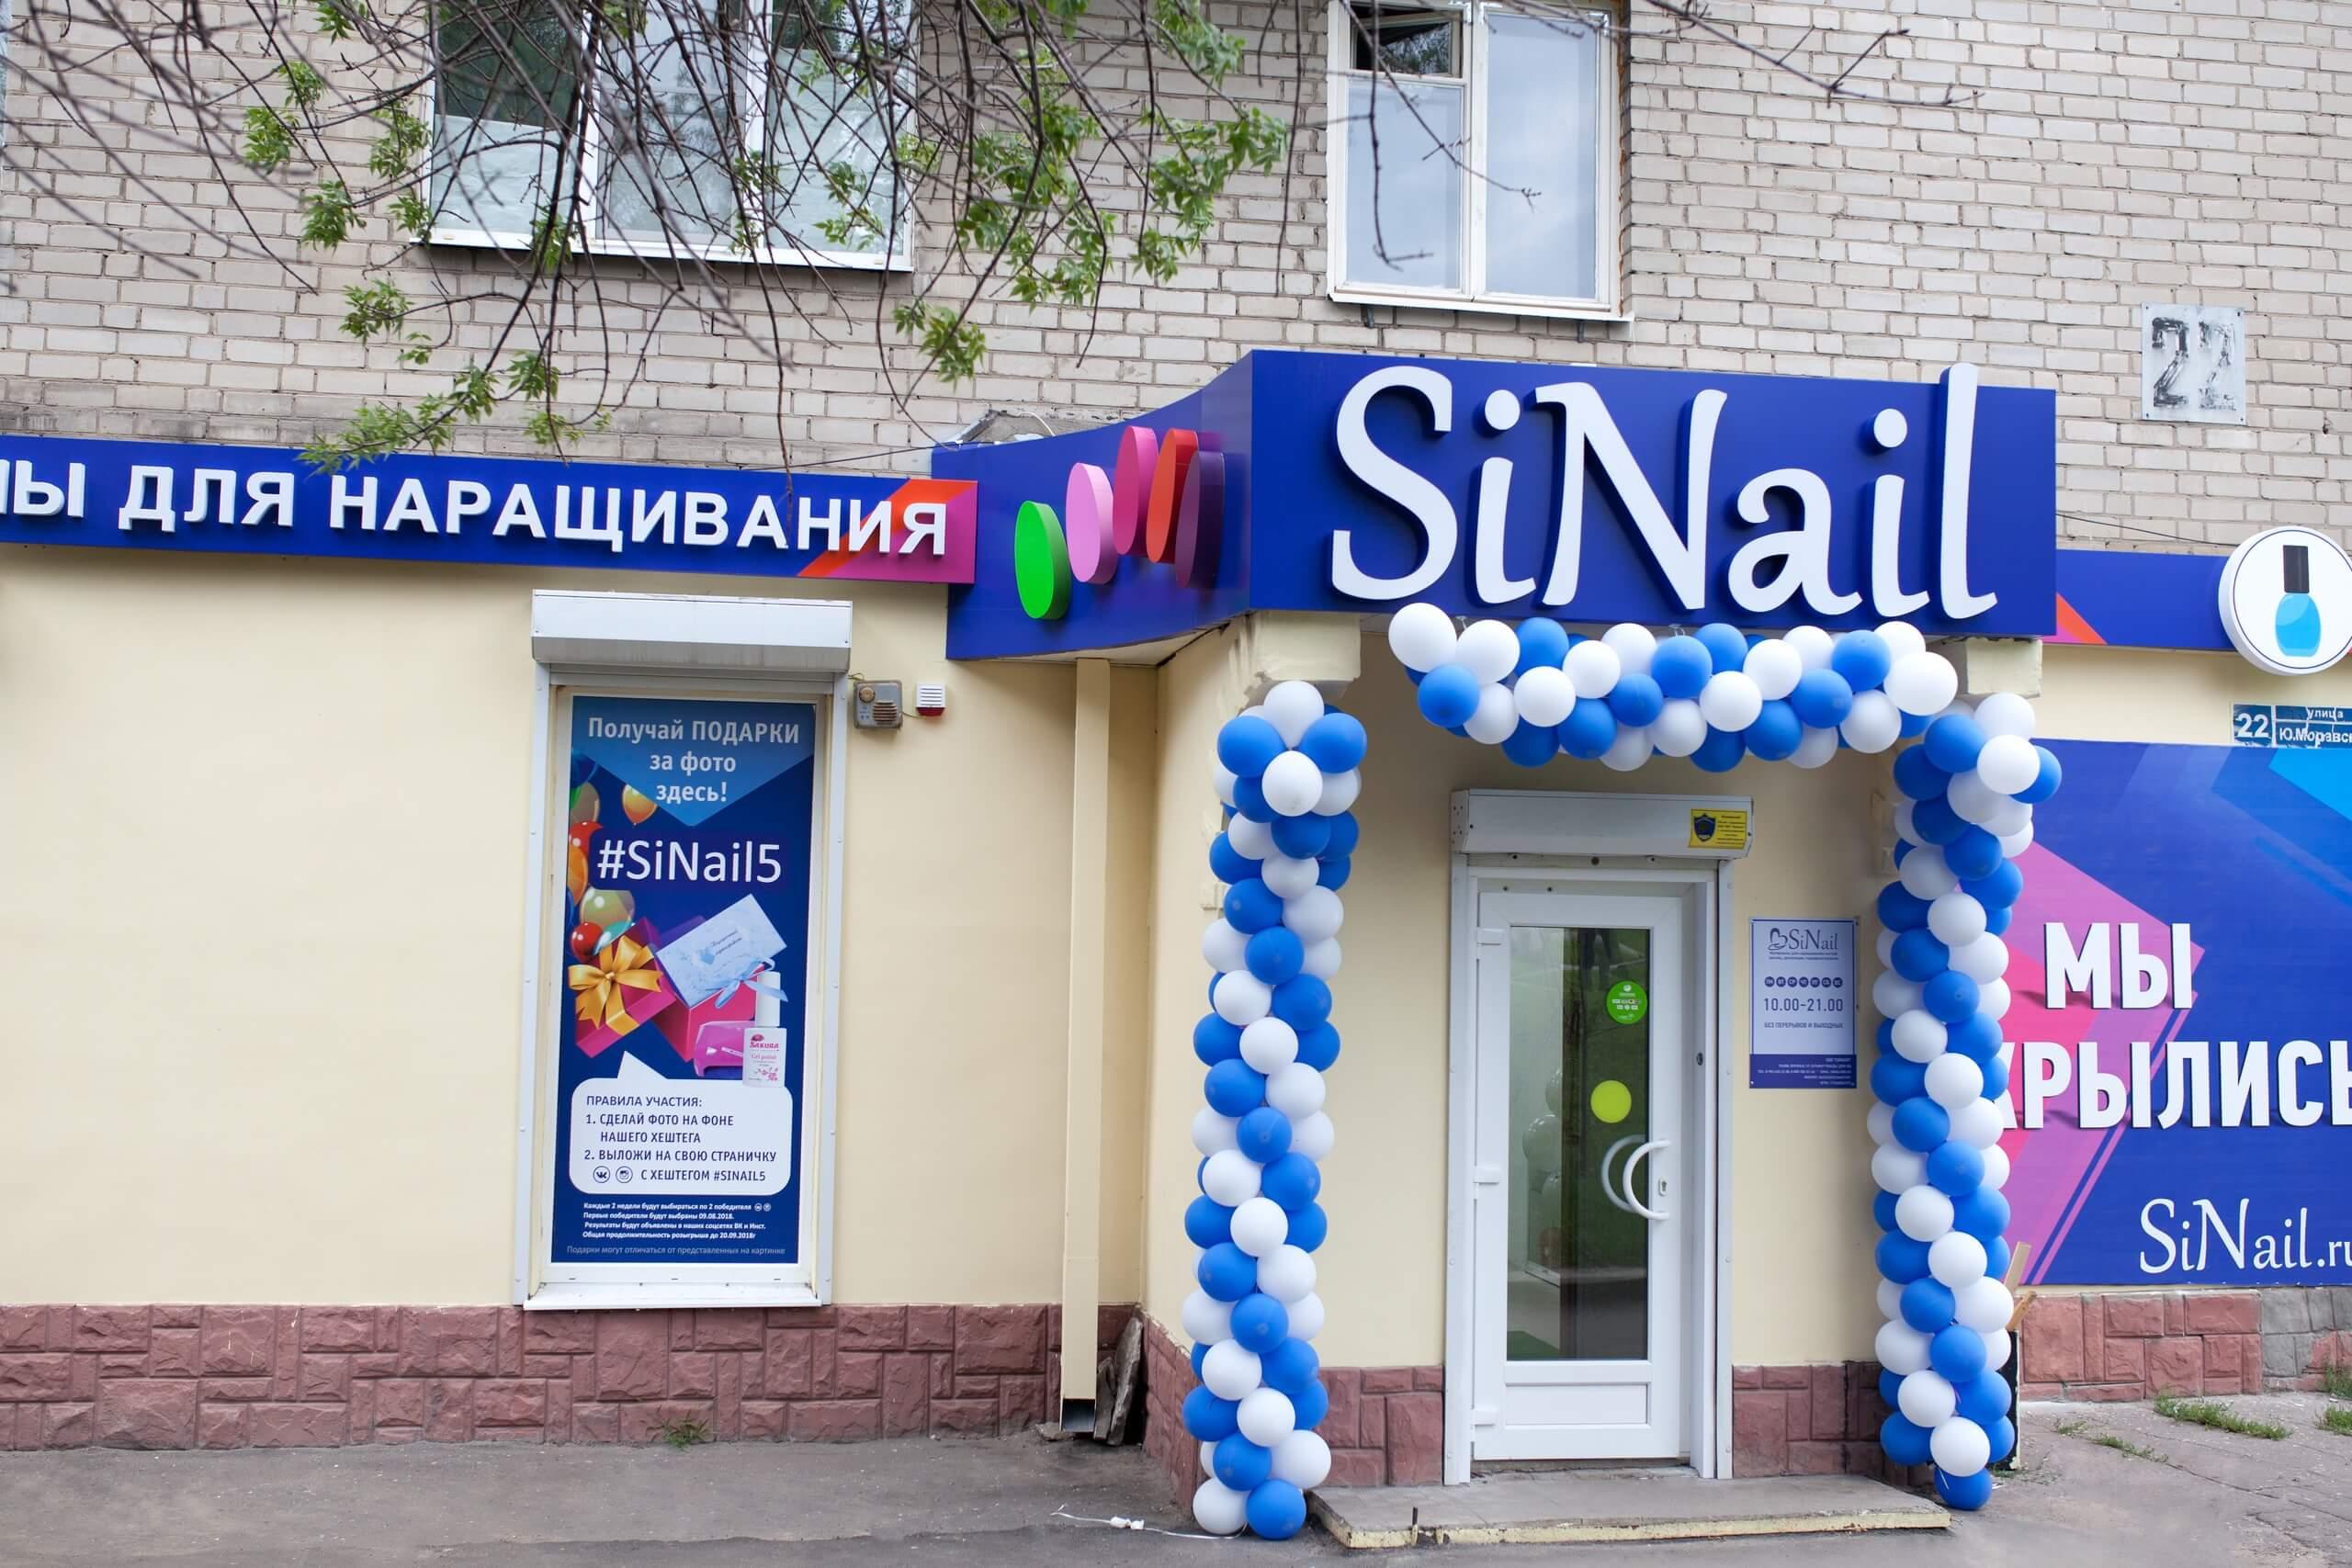 Синайл В Воронеже Интернет Магазин